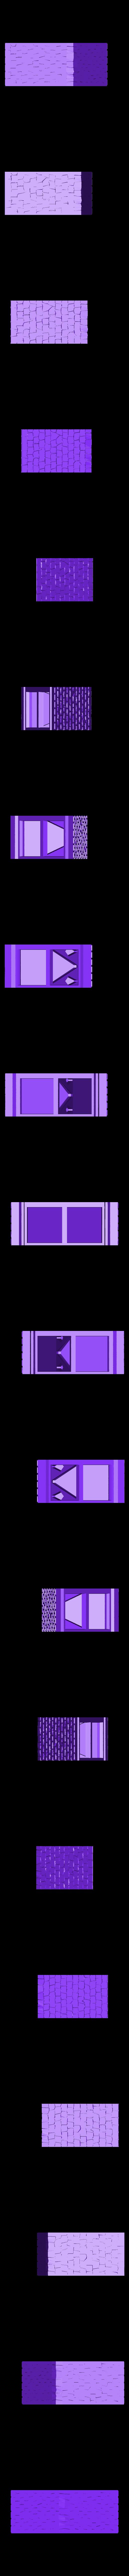 viking-house-mid-roof.stl Télécharger fichier STL gratuit Maison viking fantaisiste • Plan imprimable en 3D, Terrain4Print